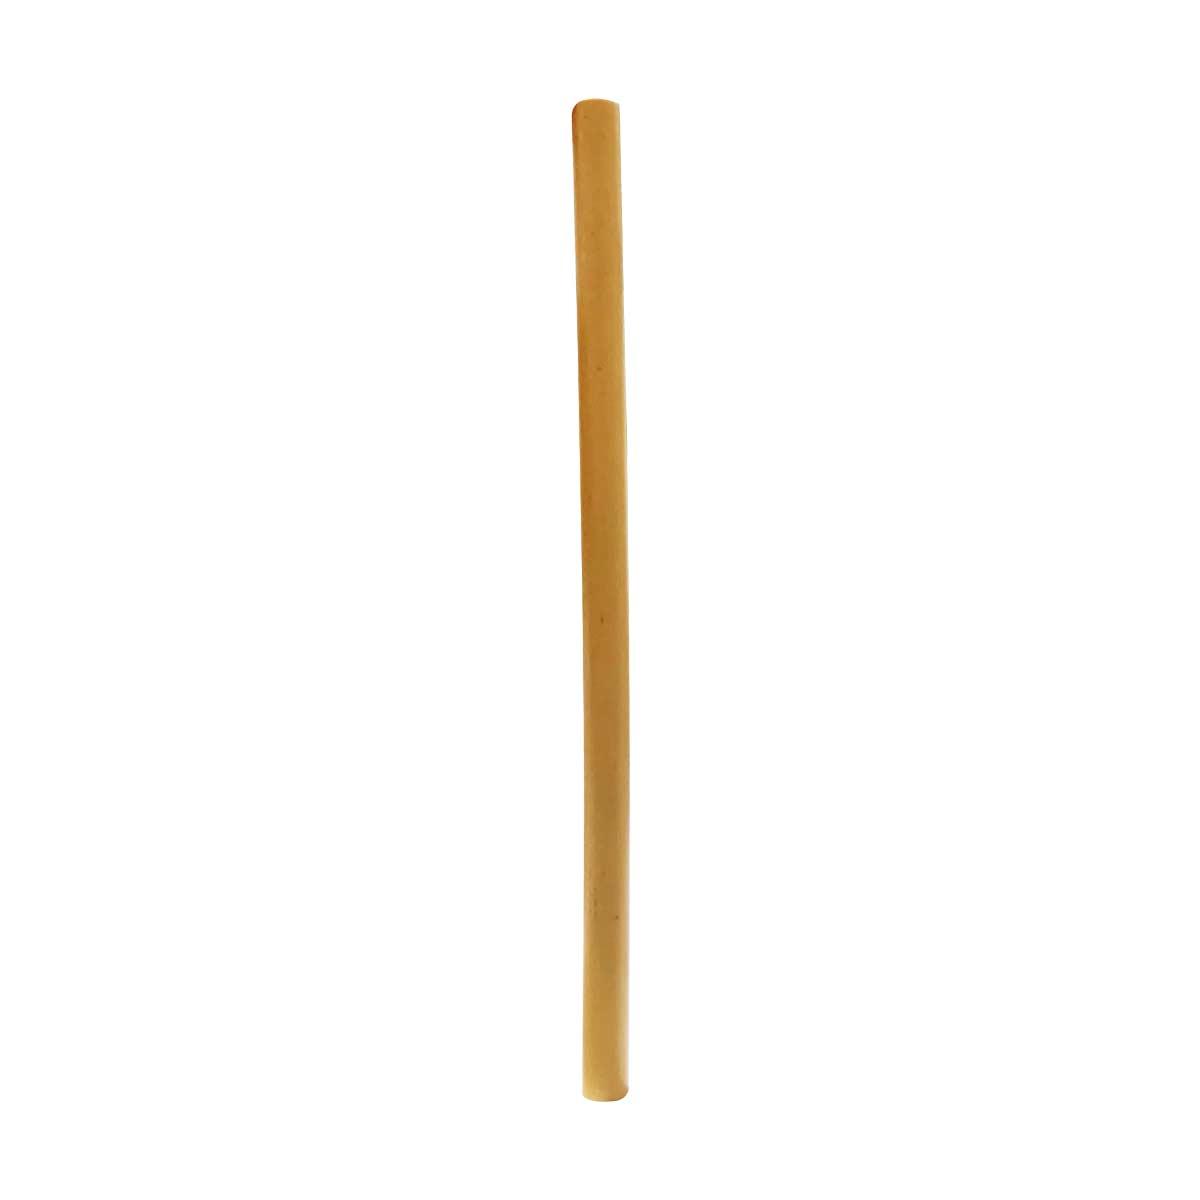 Kit Misto 5 em 1 - Bambu - Inox Roxo - Vidro + Escova + Bag